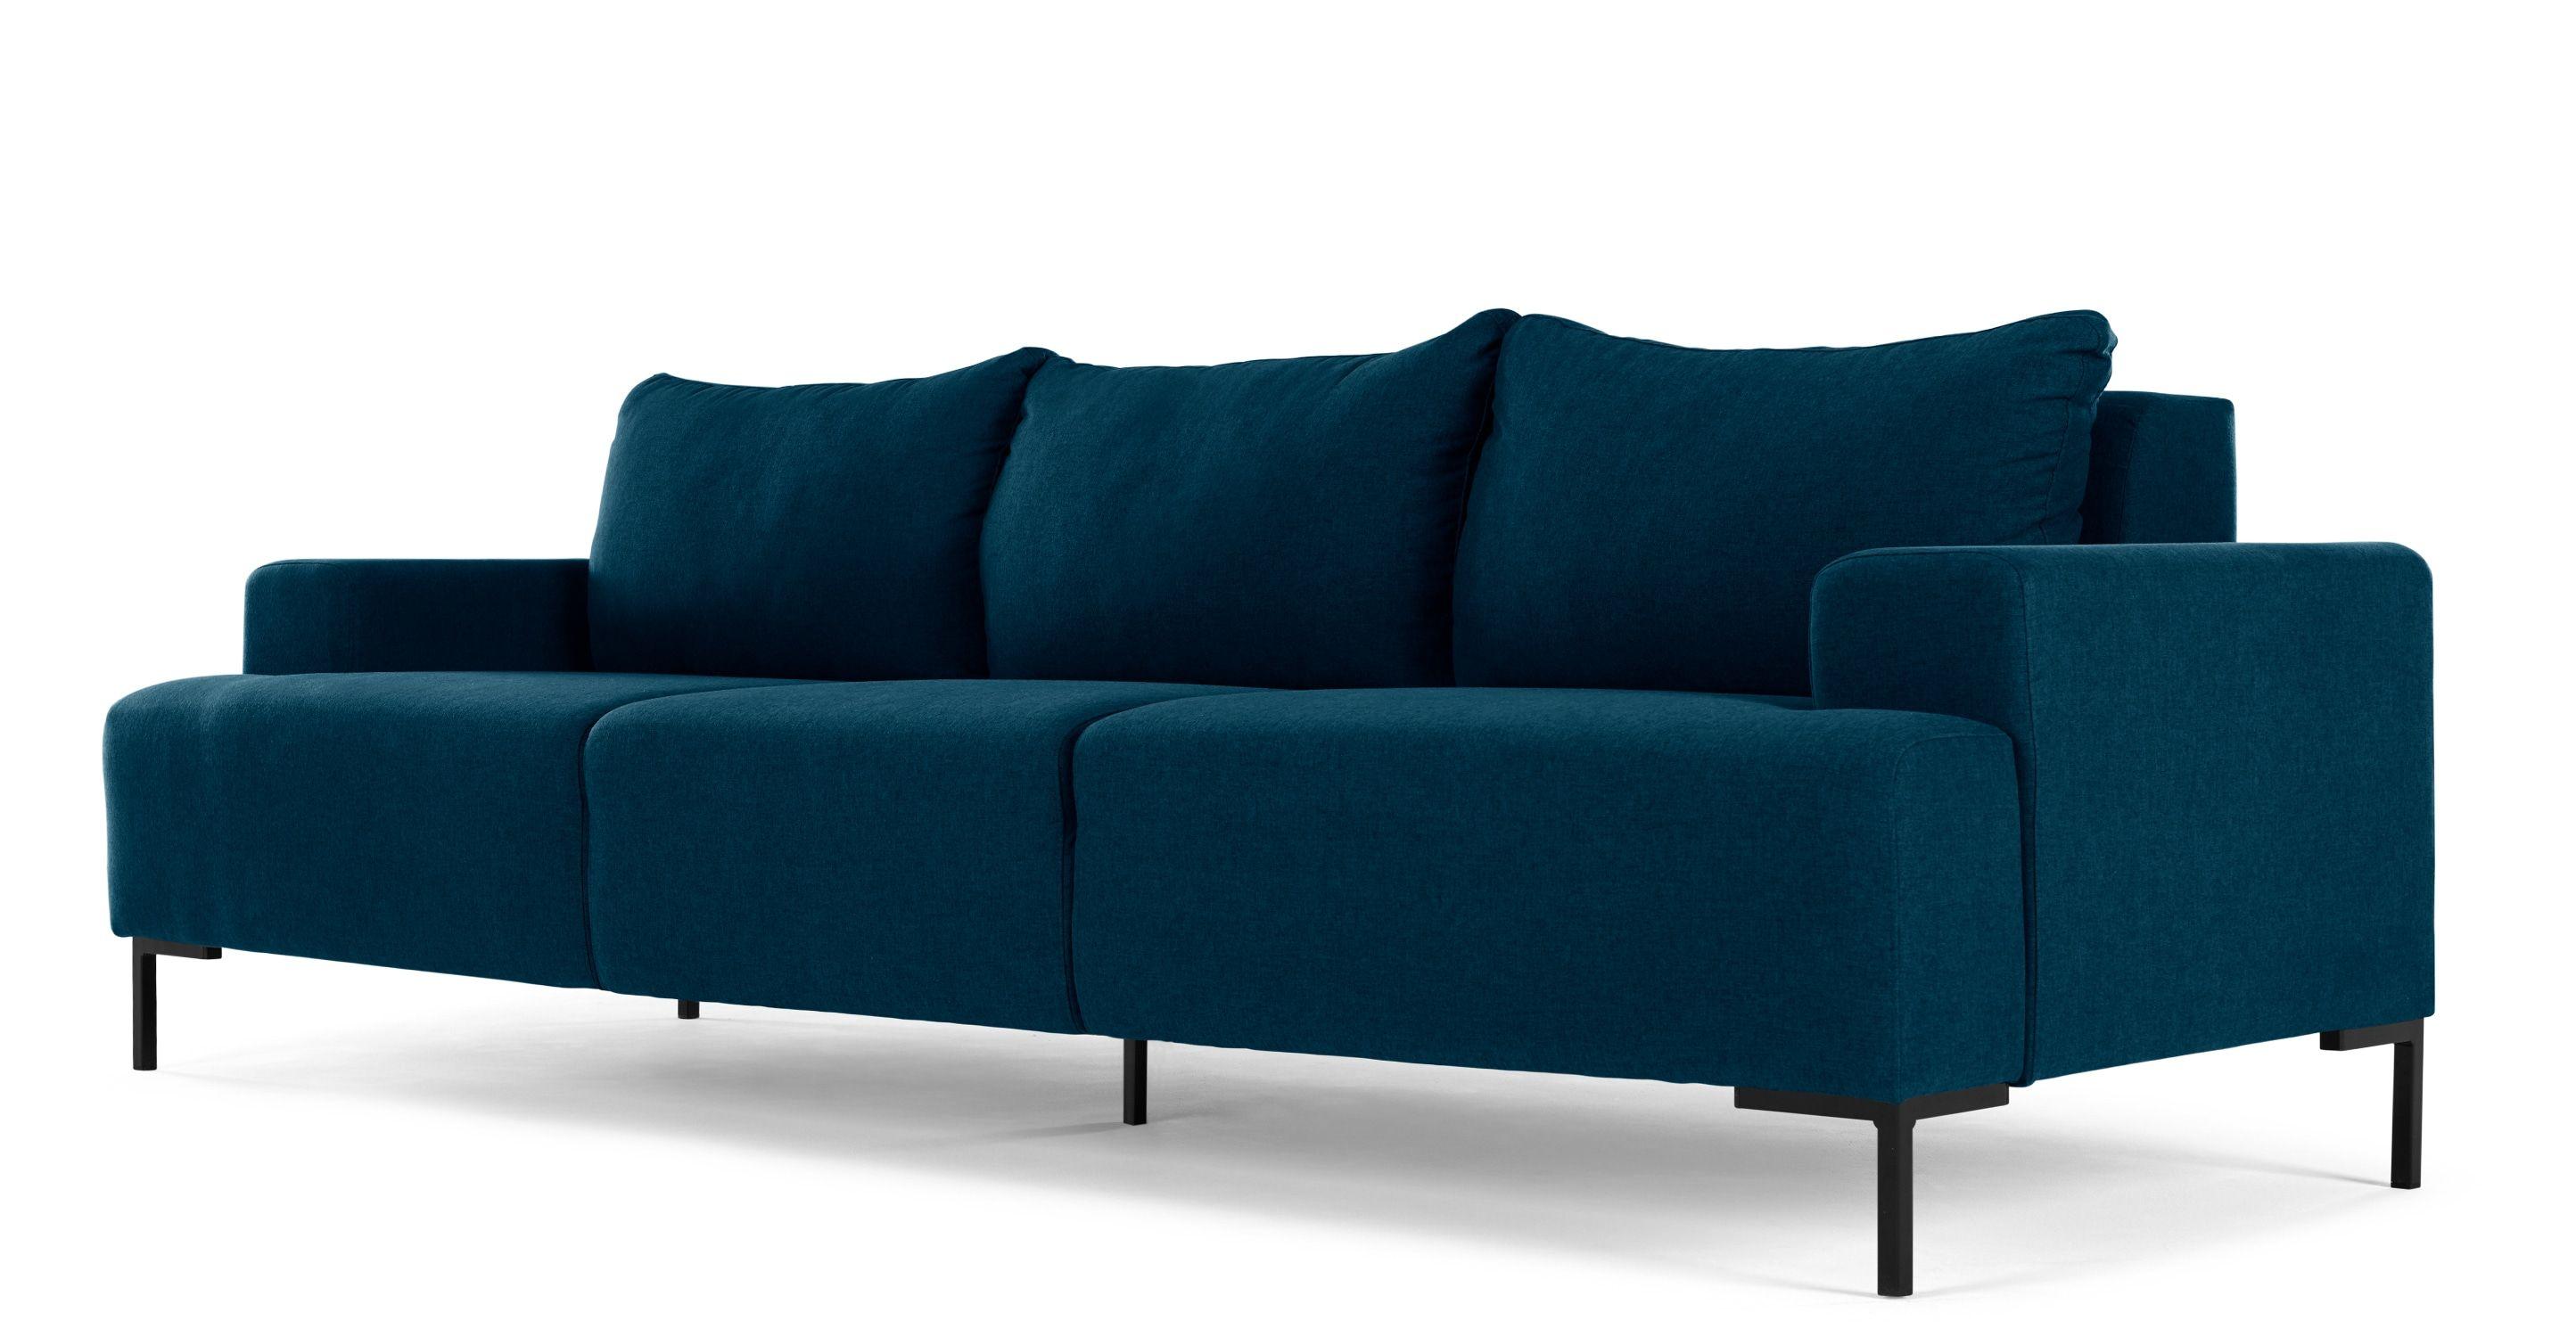 beeindruckend 3 Sitzer Sofas MADE Essentials Oskar 3 Sitzer